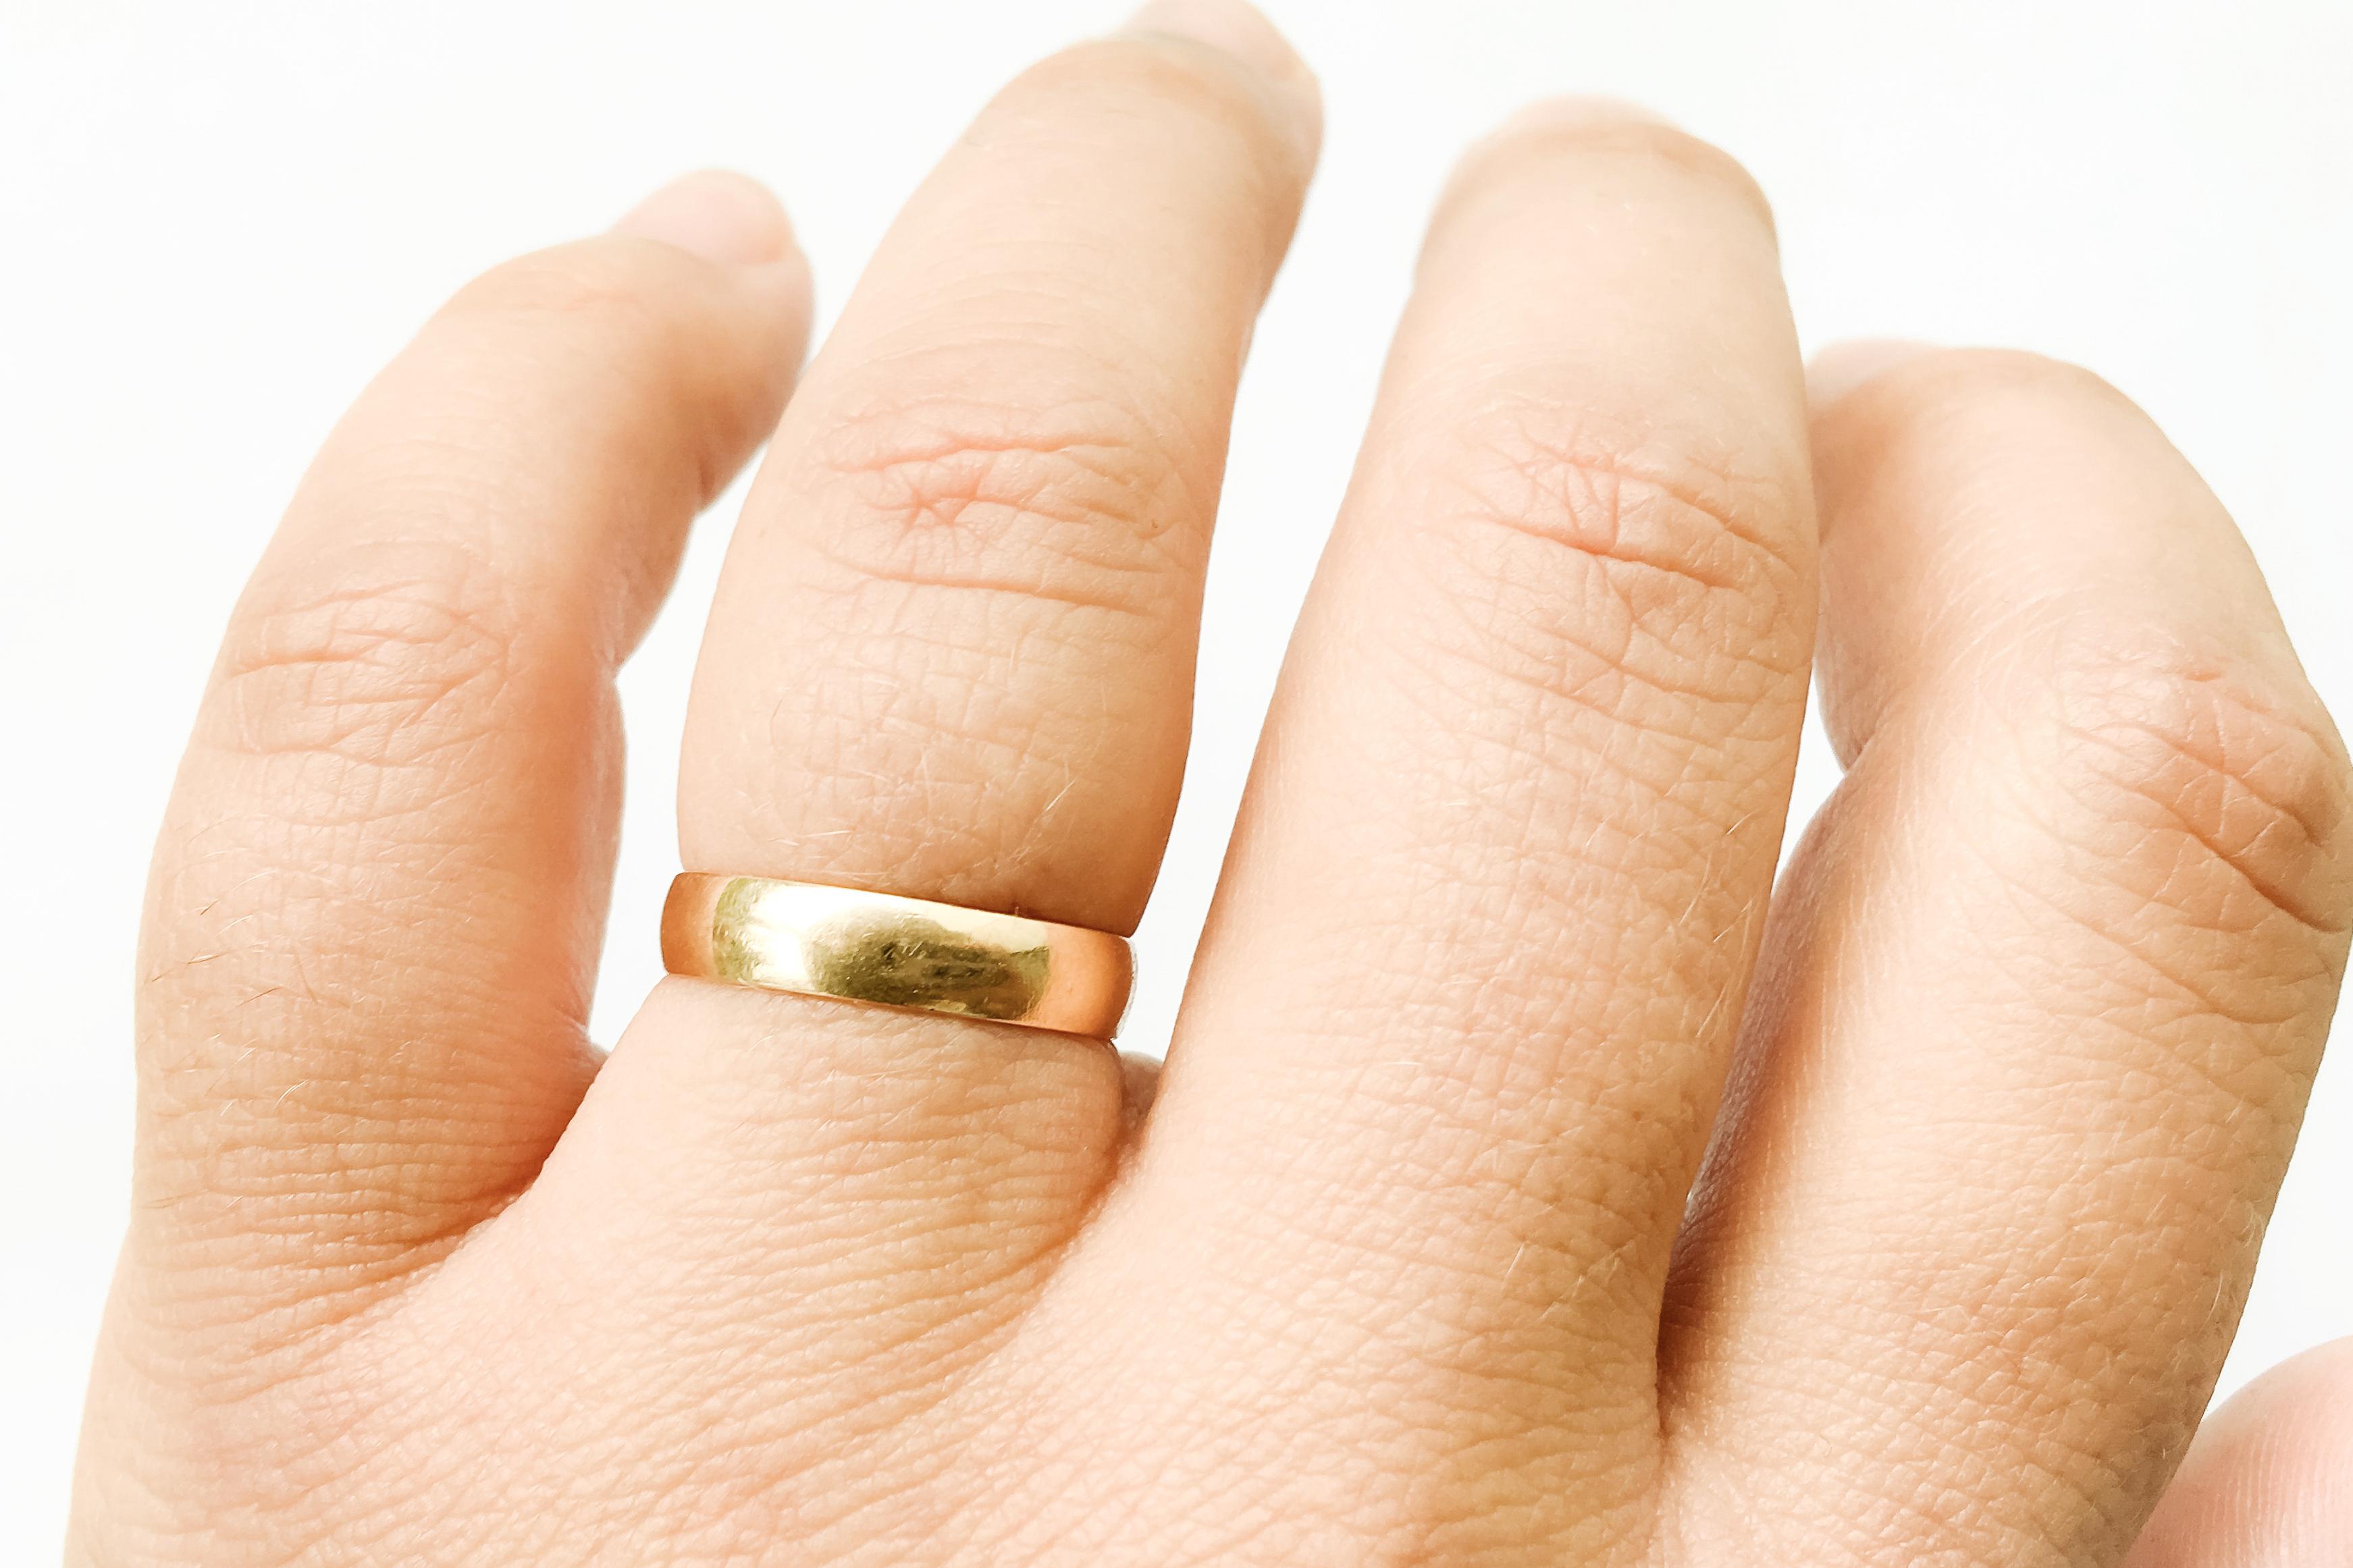 Káros-e az ujjak (és más ízületek) rendszeres ropogtatása?